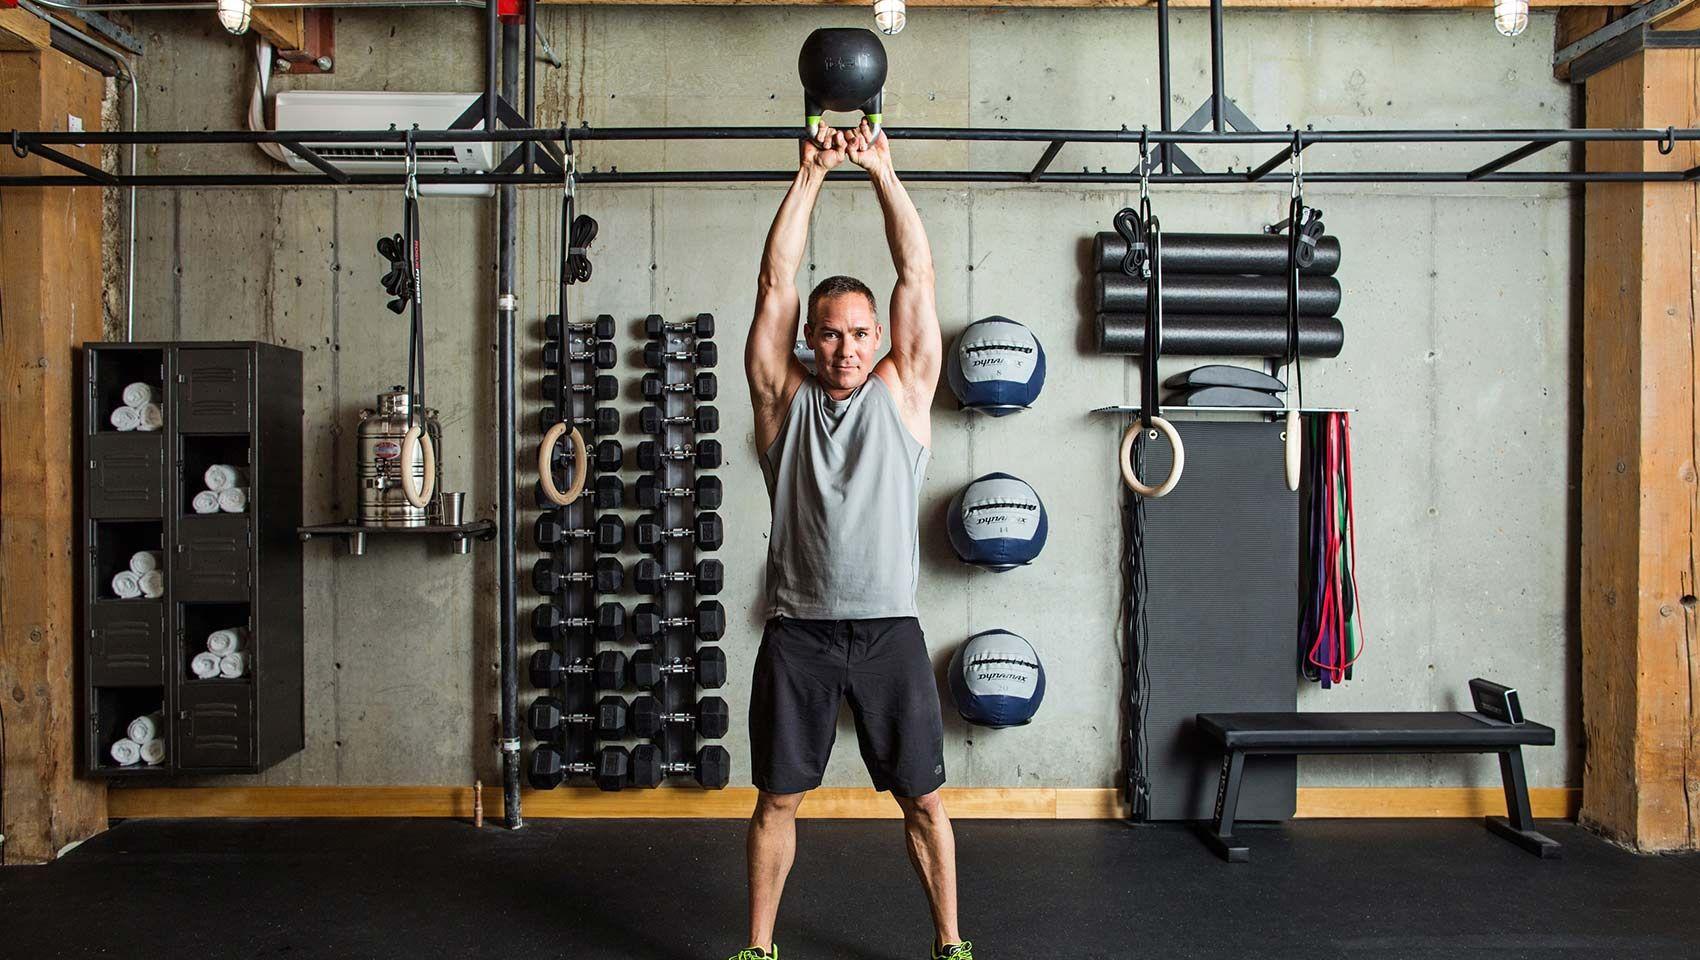 Best Hotel Fitness Center Downtown Diy Home Gym Dream Home Gym Home Gym Decor